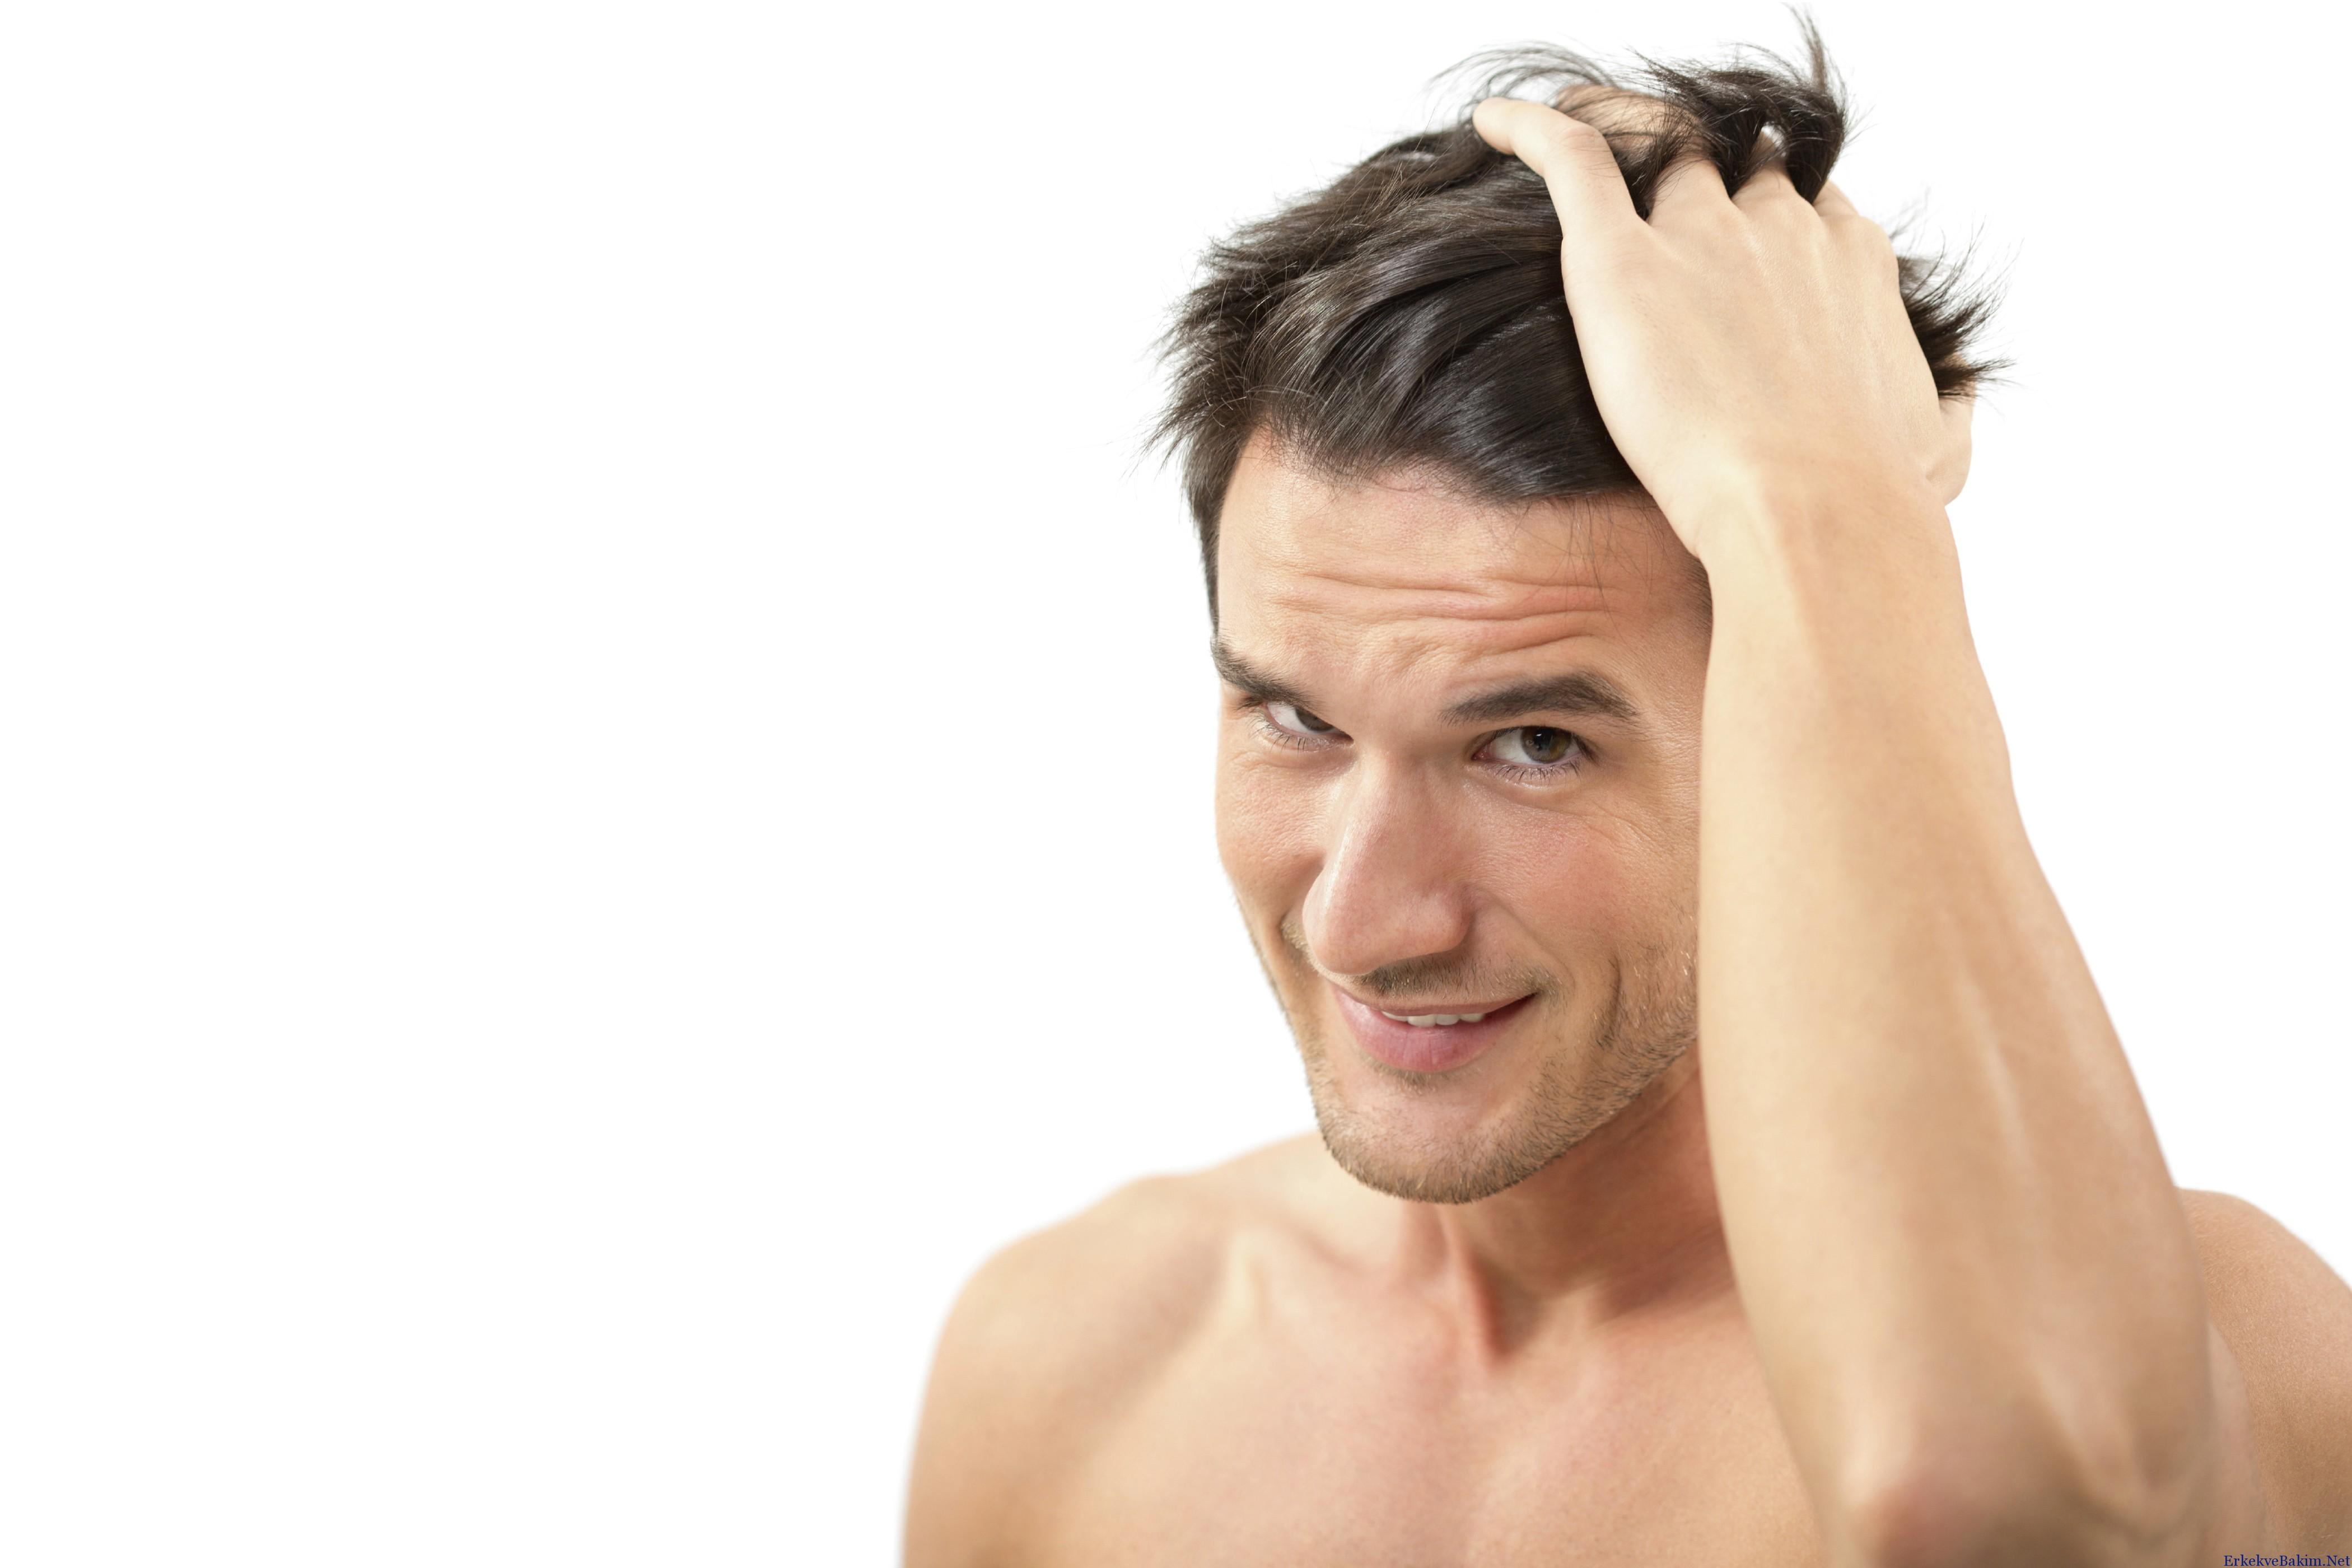 saç dökülmesi, saçlara doğal bakım, sağlıklı saç bakımı